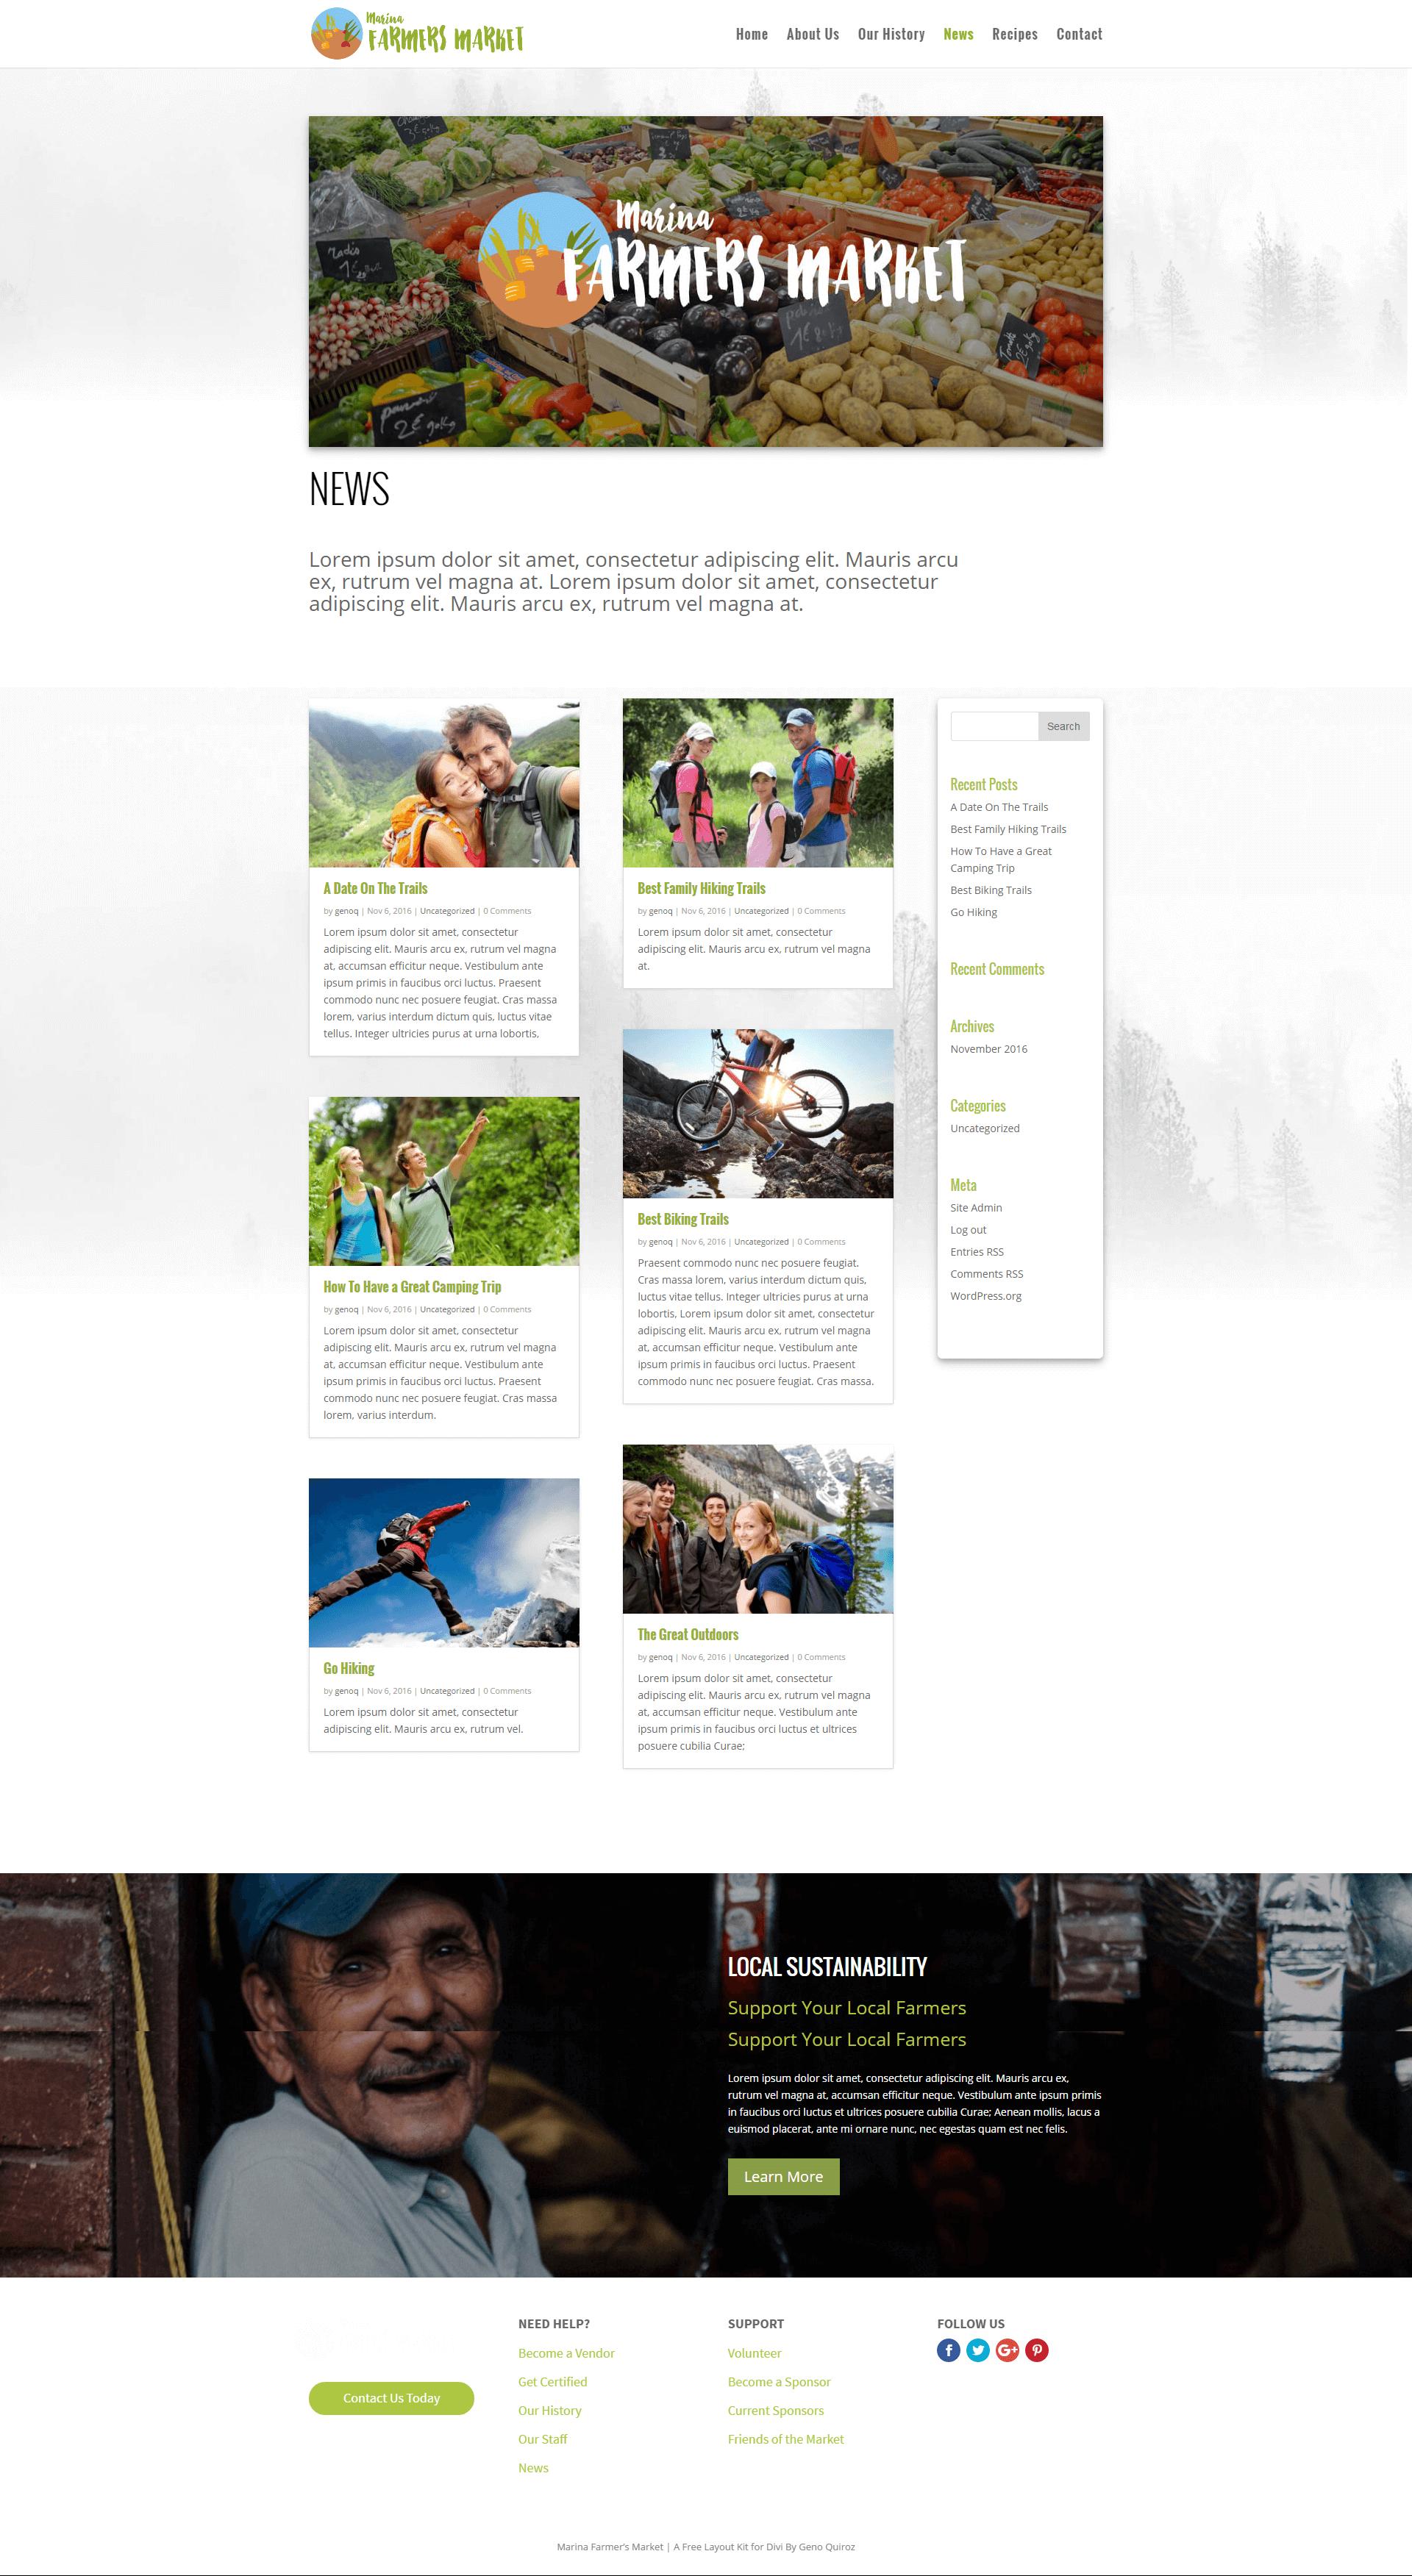 News / Blog Page